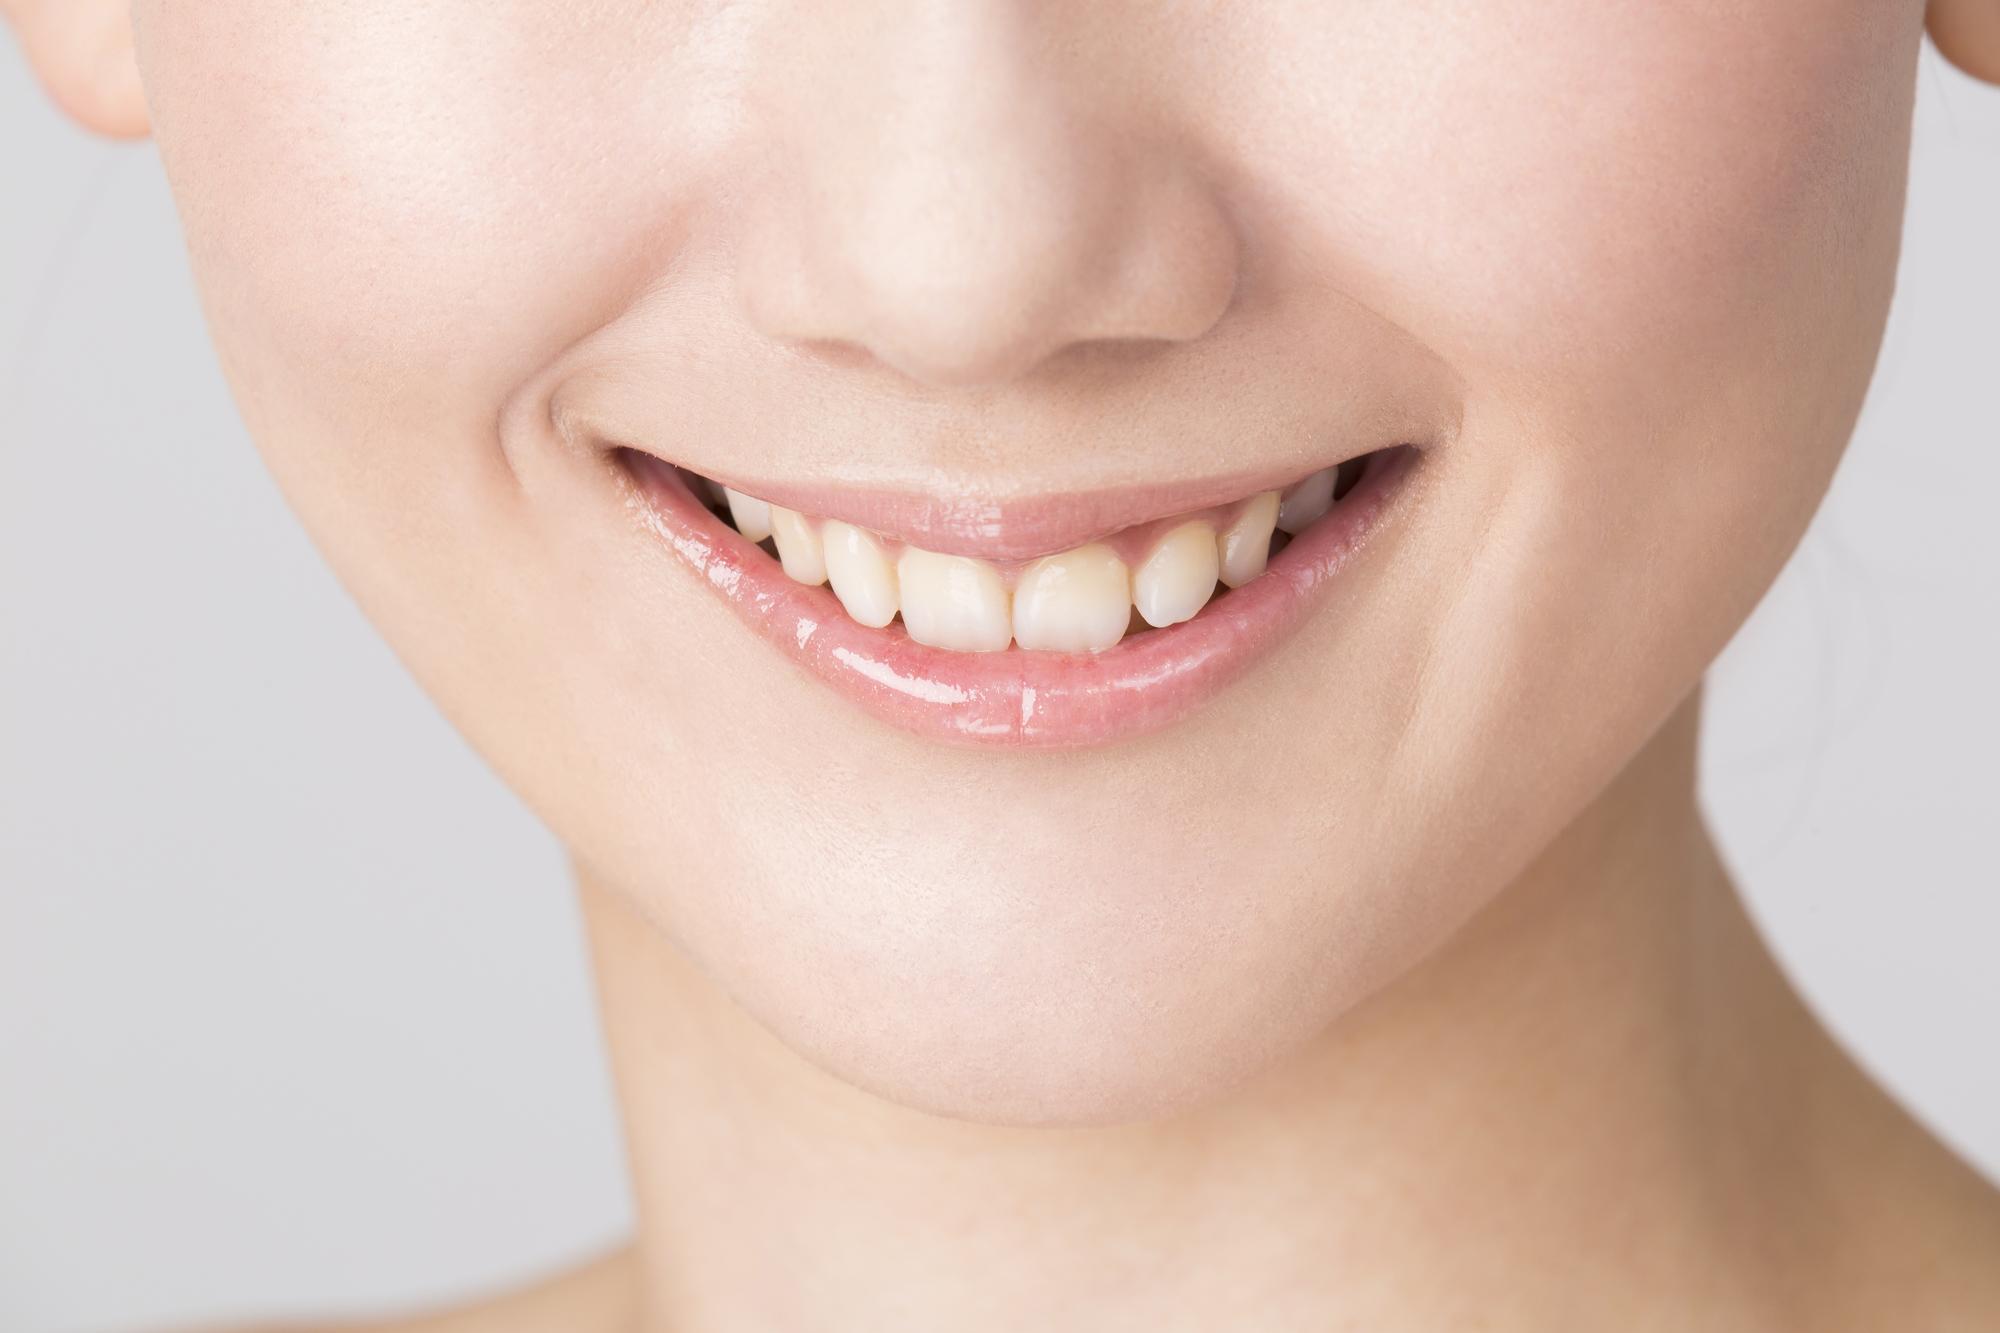 むし歯の治療痕を目立たなくしたい